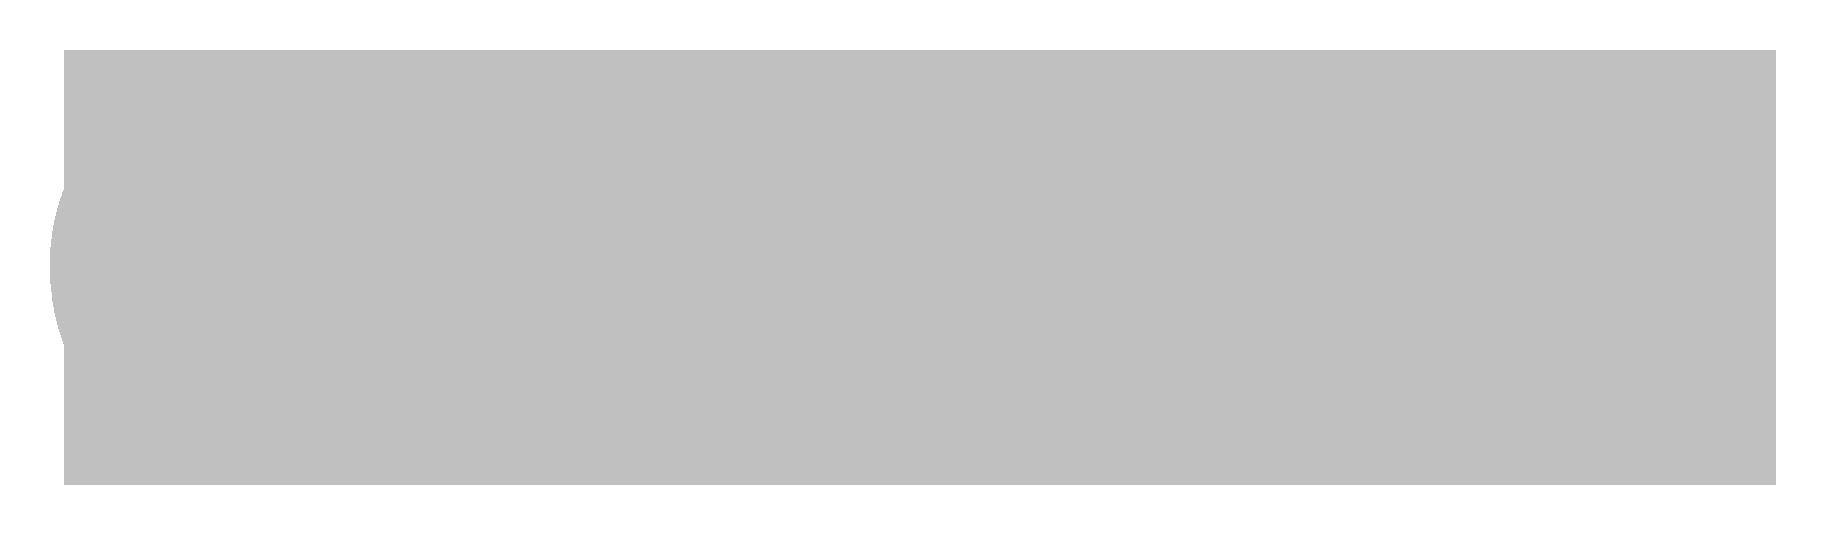 comcast_logo-copy.png